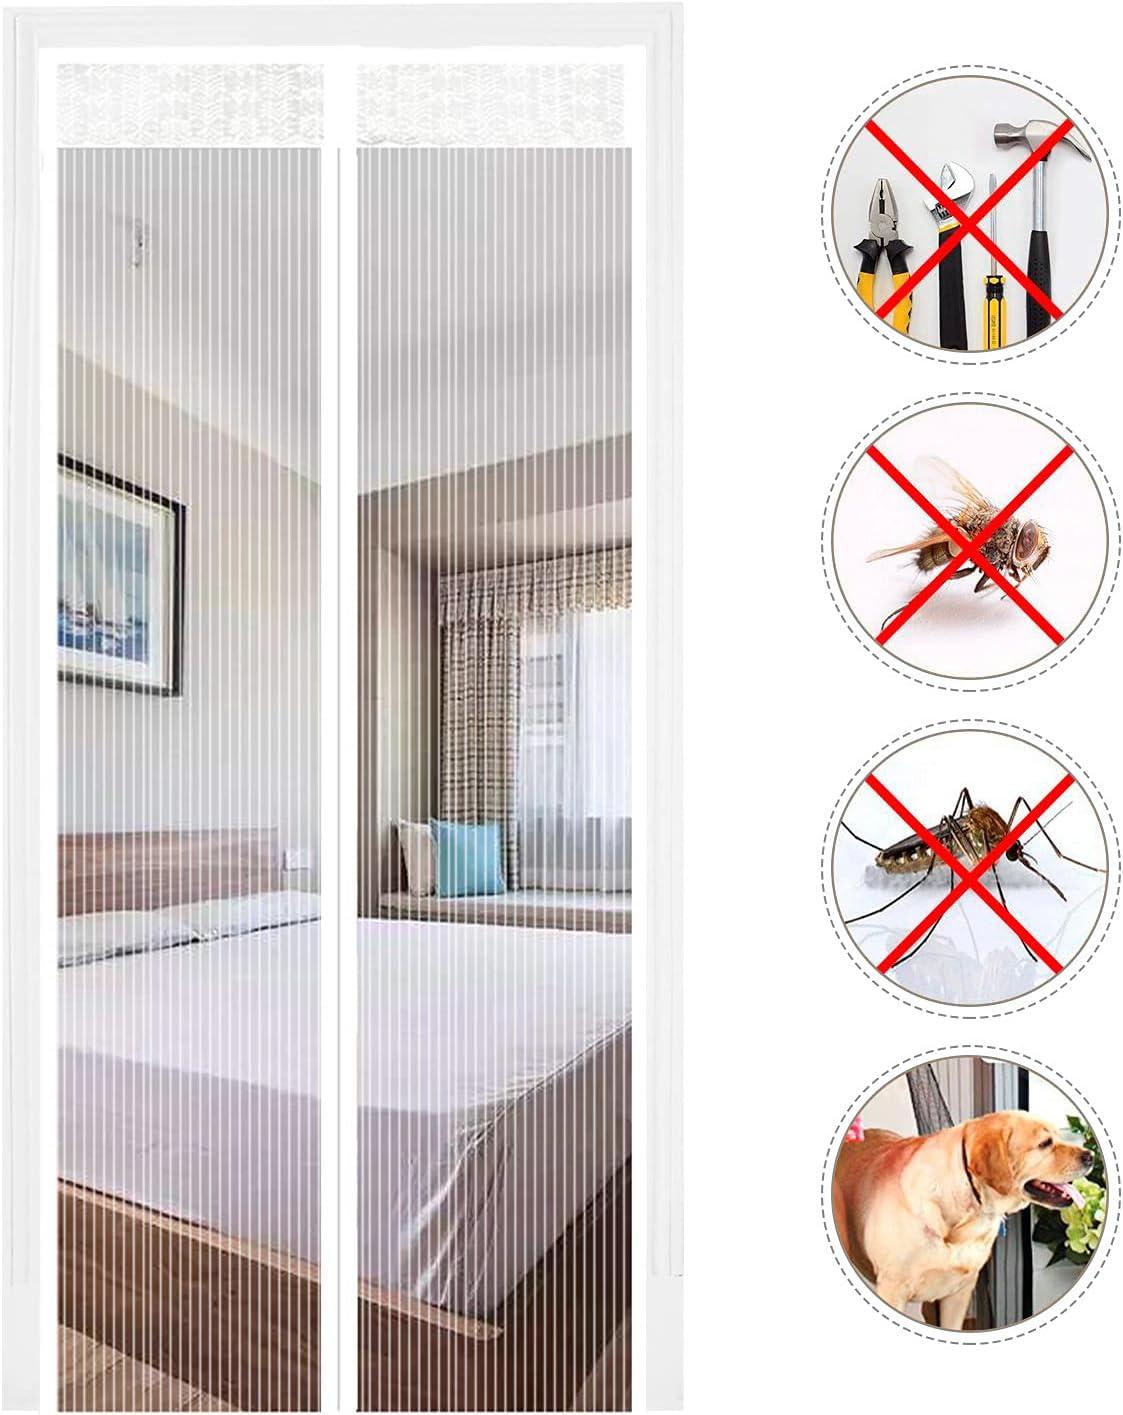 EXTSUD Mosquitera Puertas Cortina Mosquitera Magnética para Puertas Protección contra Insectos para Puerta de Balcón Sala de Estar Puerta de Patio, Blanco (80 x 200cm)